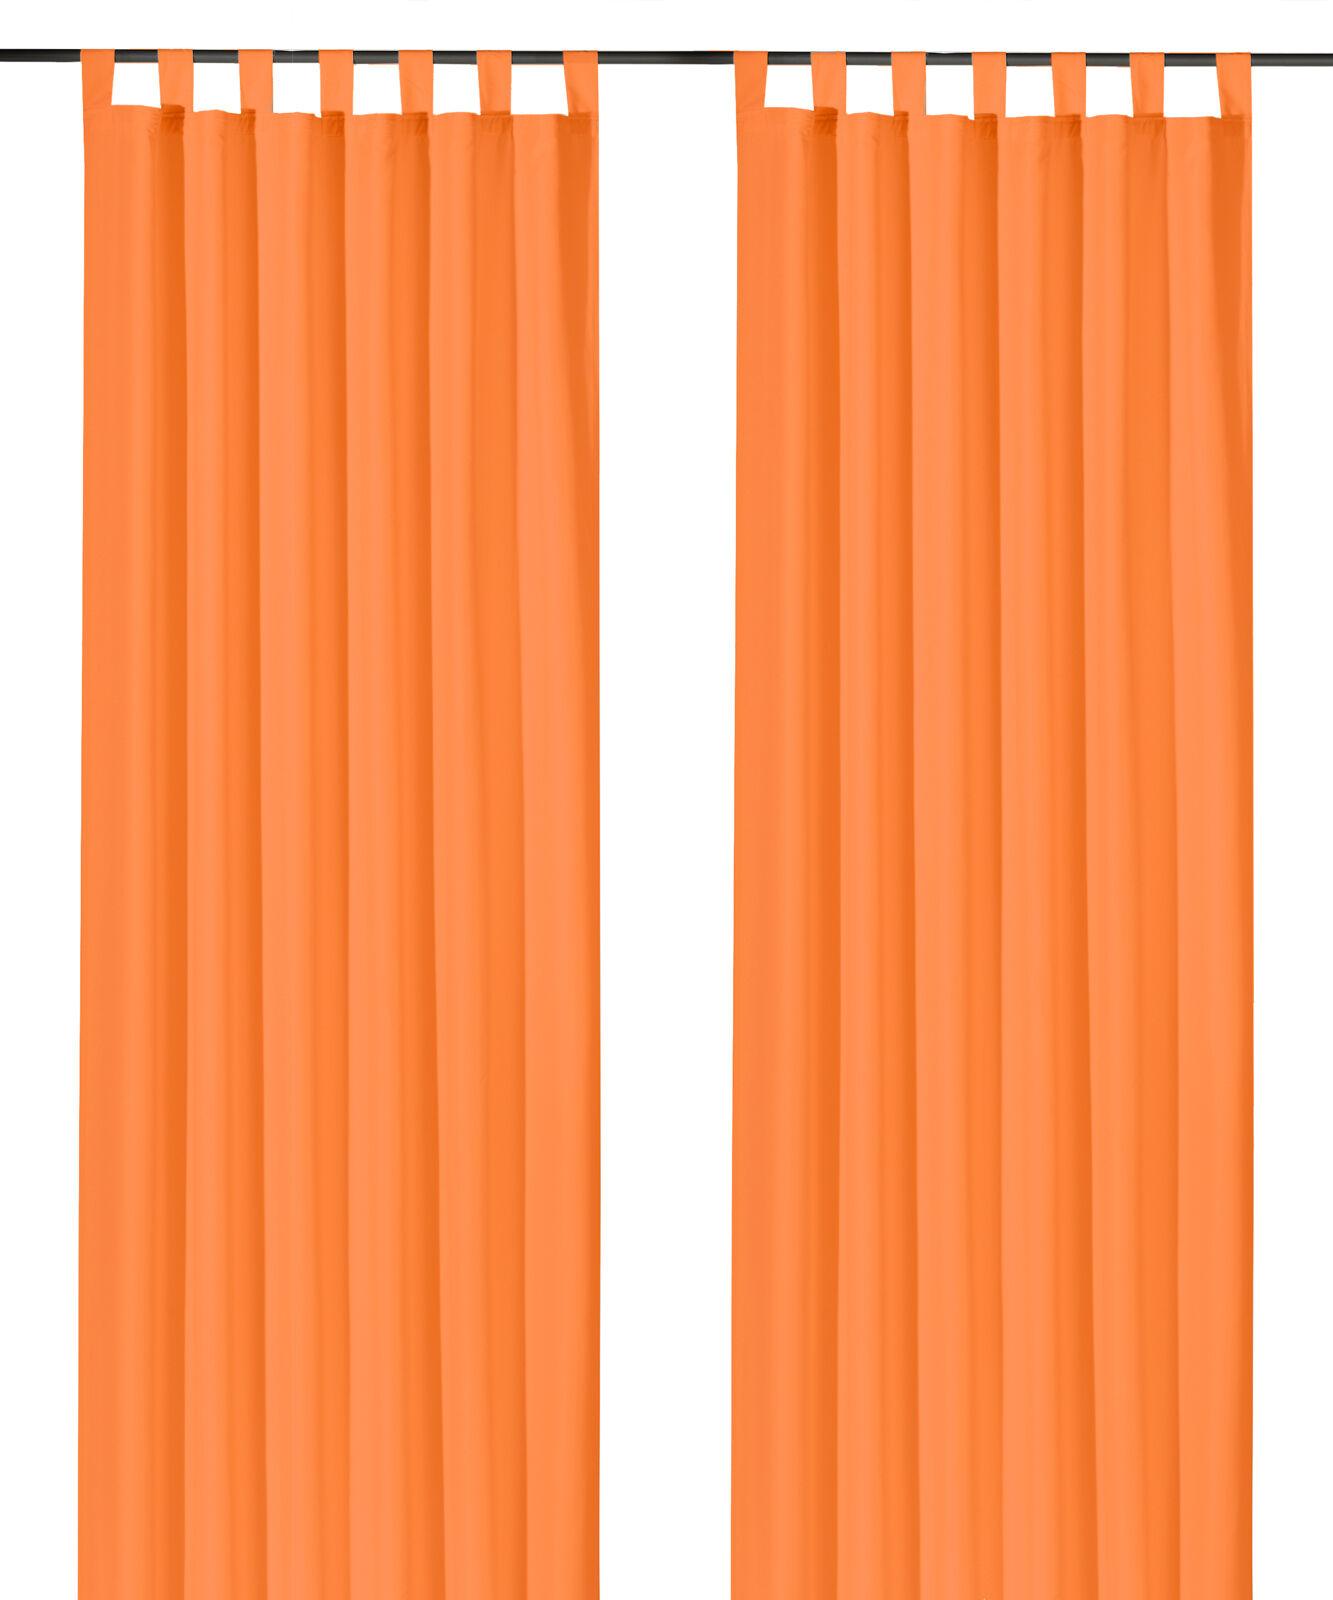 Schlaufenschal-inkl-Kraeuselband-blickdicht-Gardine-Vorhang-Dekoschal-Uni-Typ117 Indexbild 12